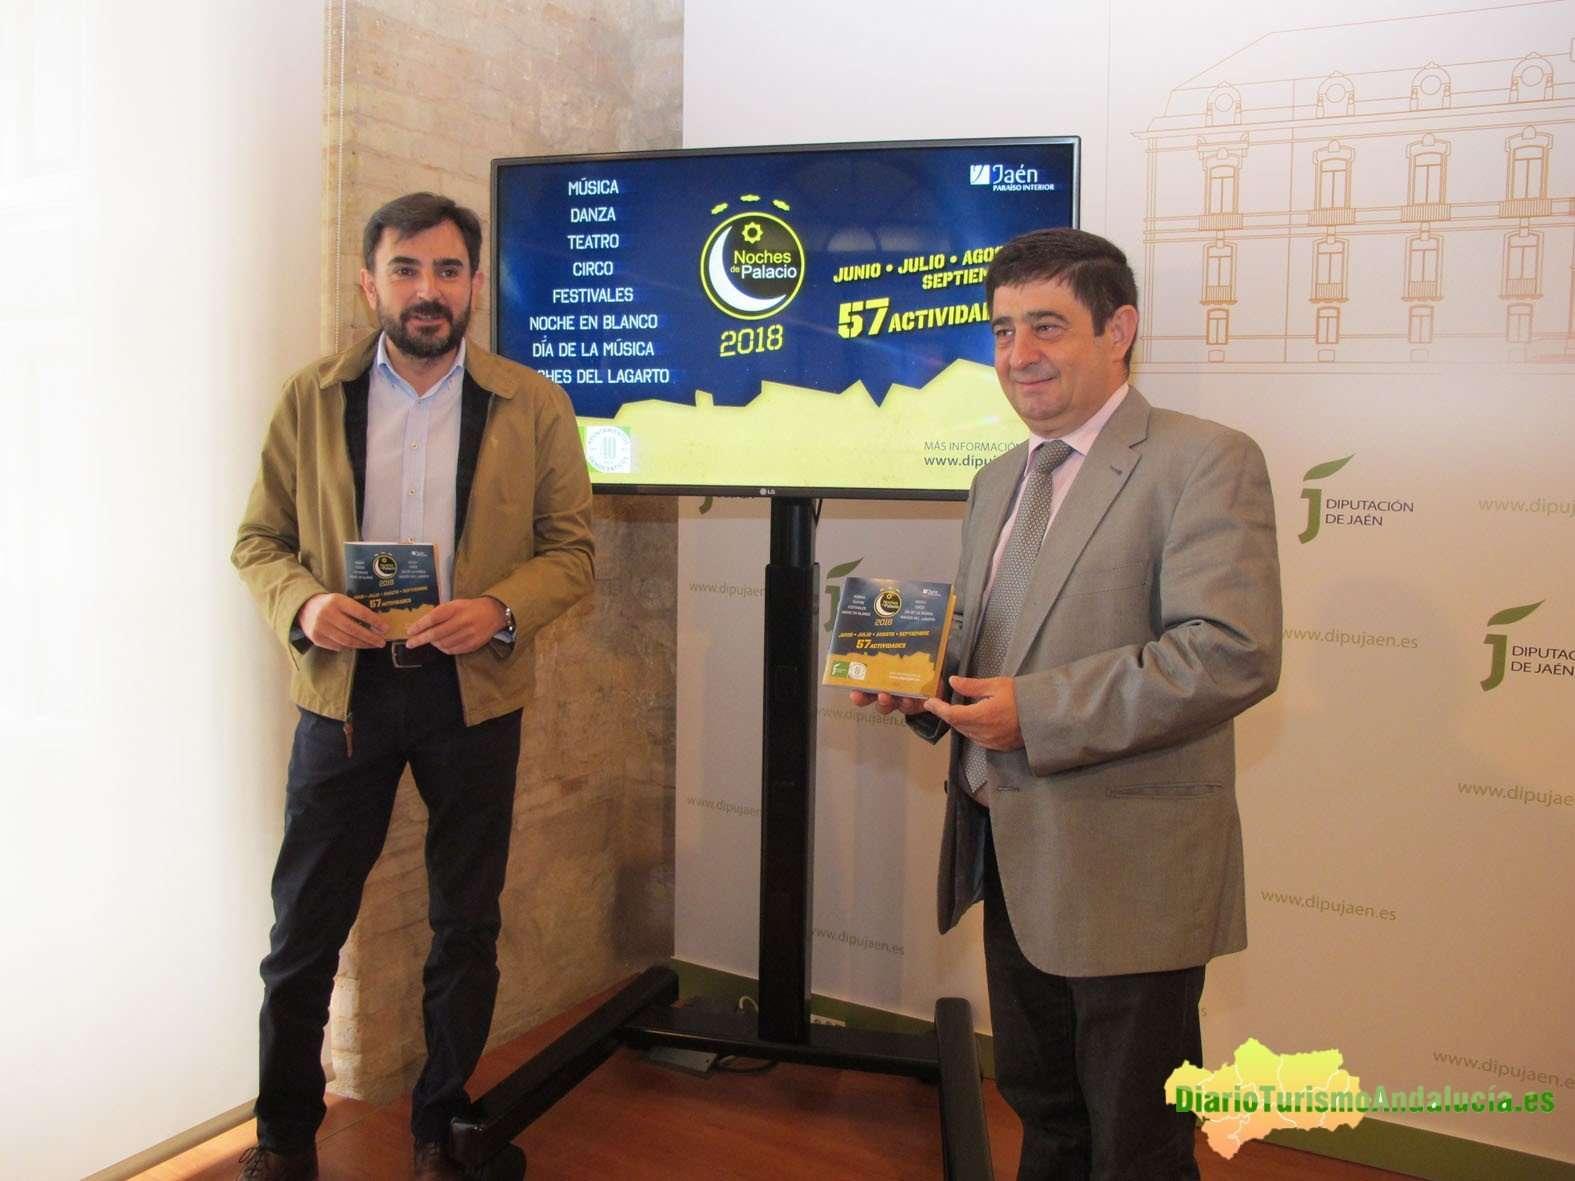 Juan Ángel Pérez y Francisco Reyes han presentado la tercera edición de Noches de Palacio.